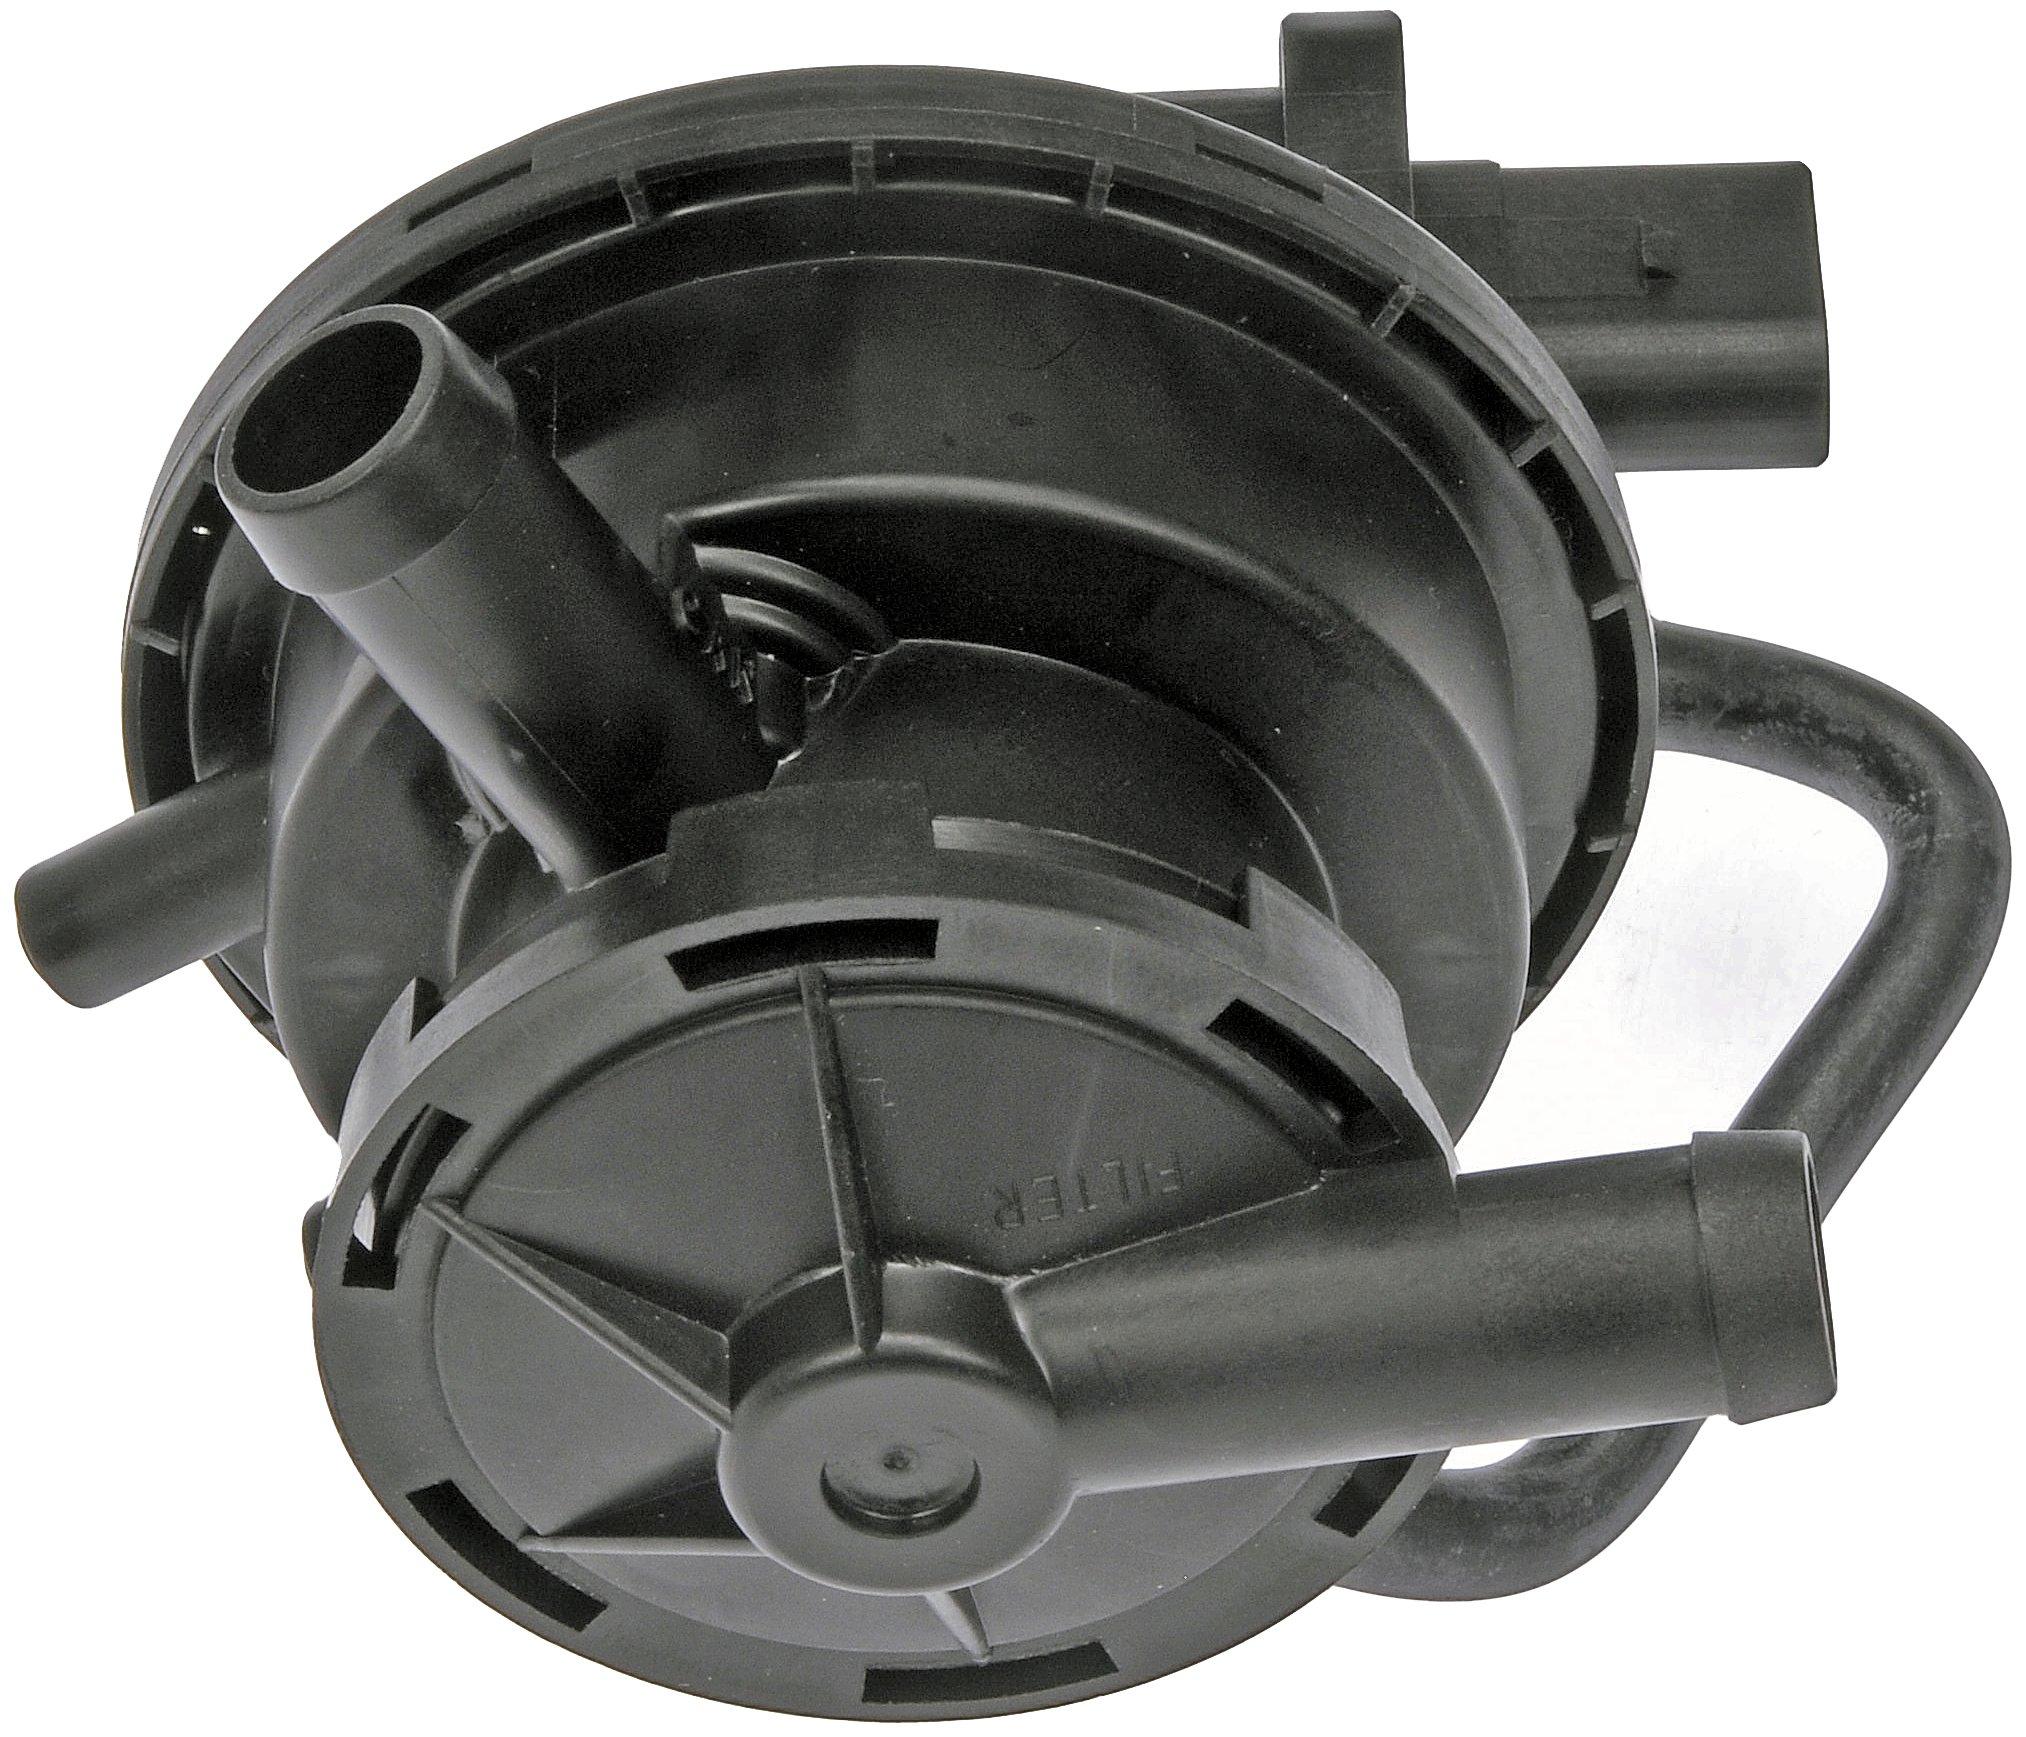 Dorman 310-231 Fuel Vapor Leak Detection Pump by Dorman (Image #2)